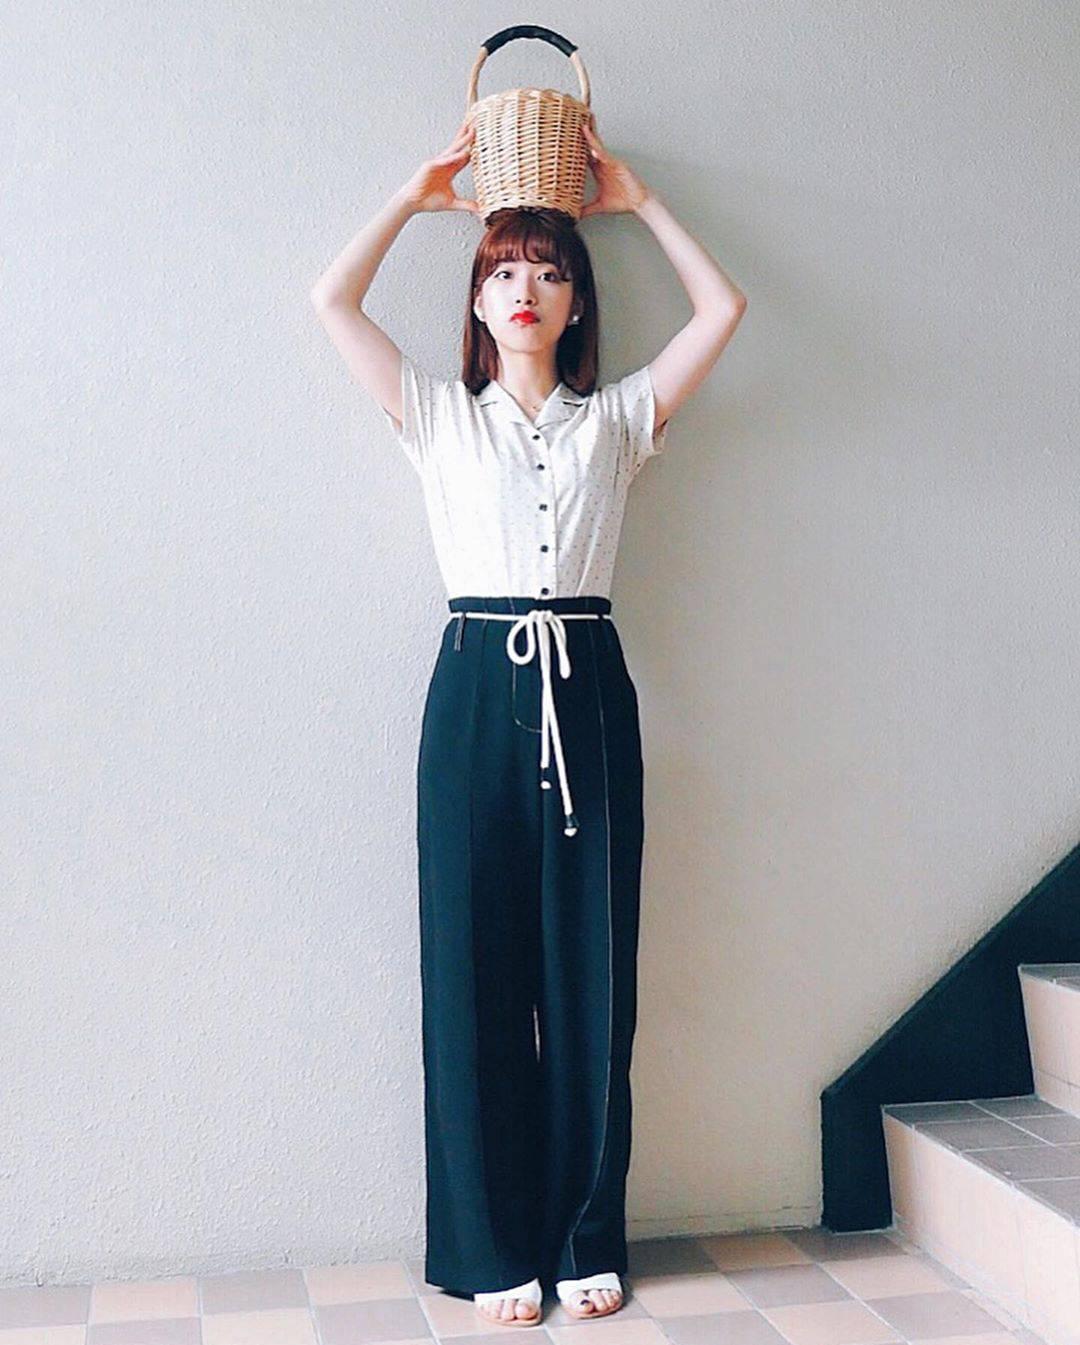 最高気温24度・最低気温17度 natsu_outfitsの服装